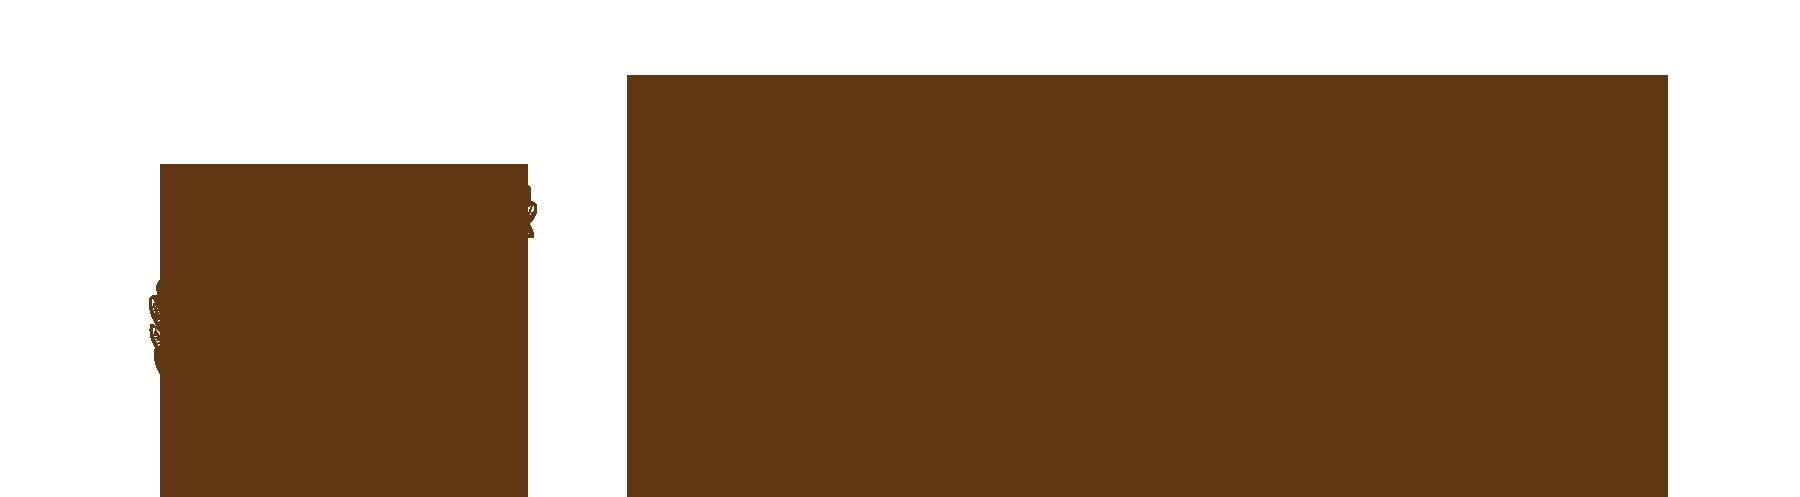 vache vedina